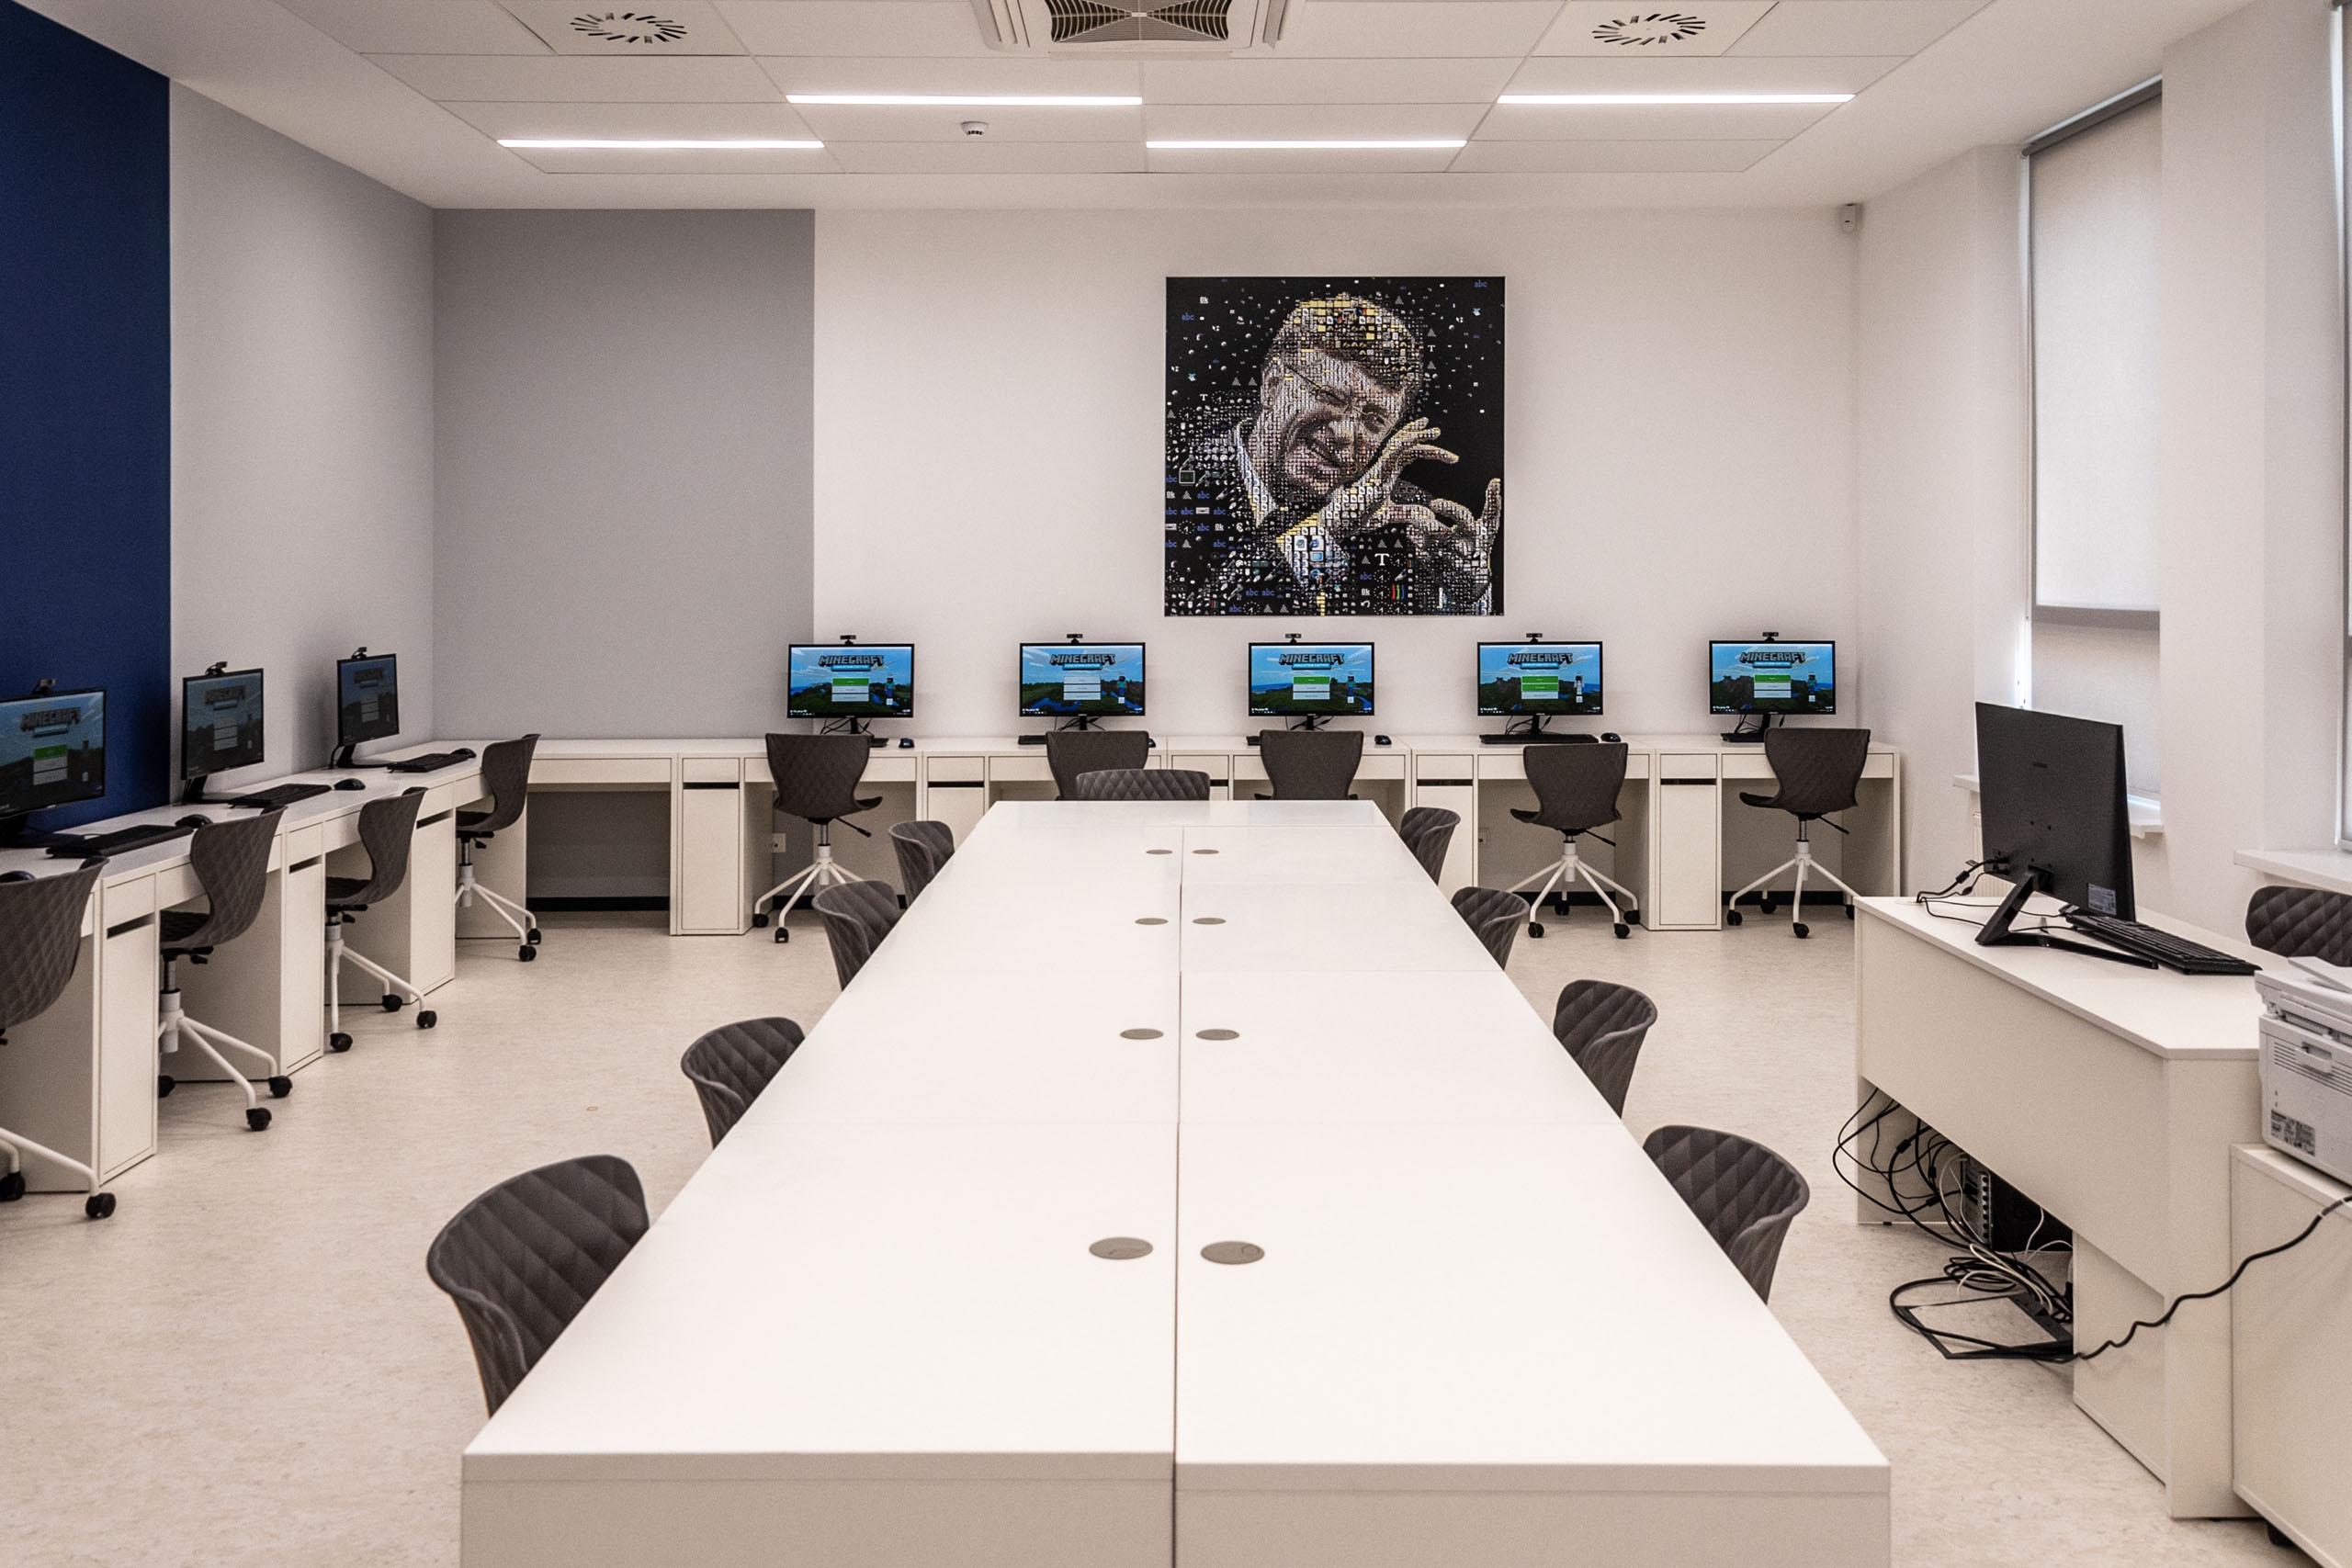 услугам гостей картинки класса с компьютерами они настолько разные